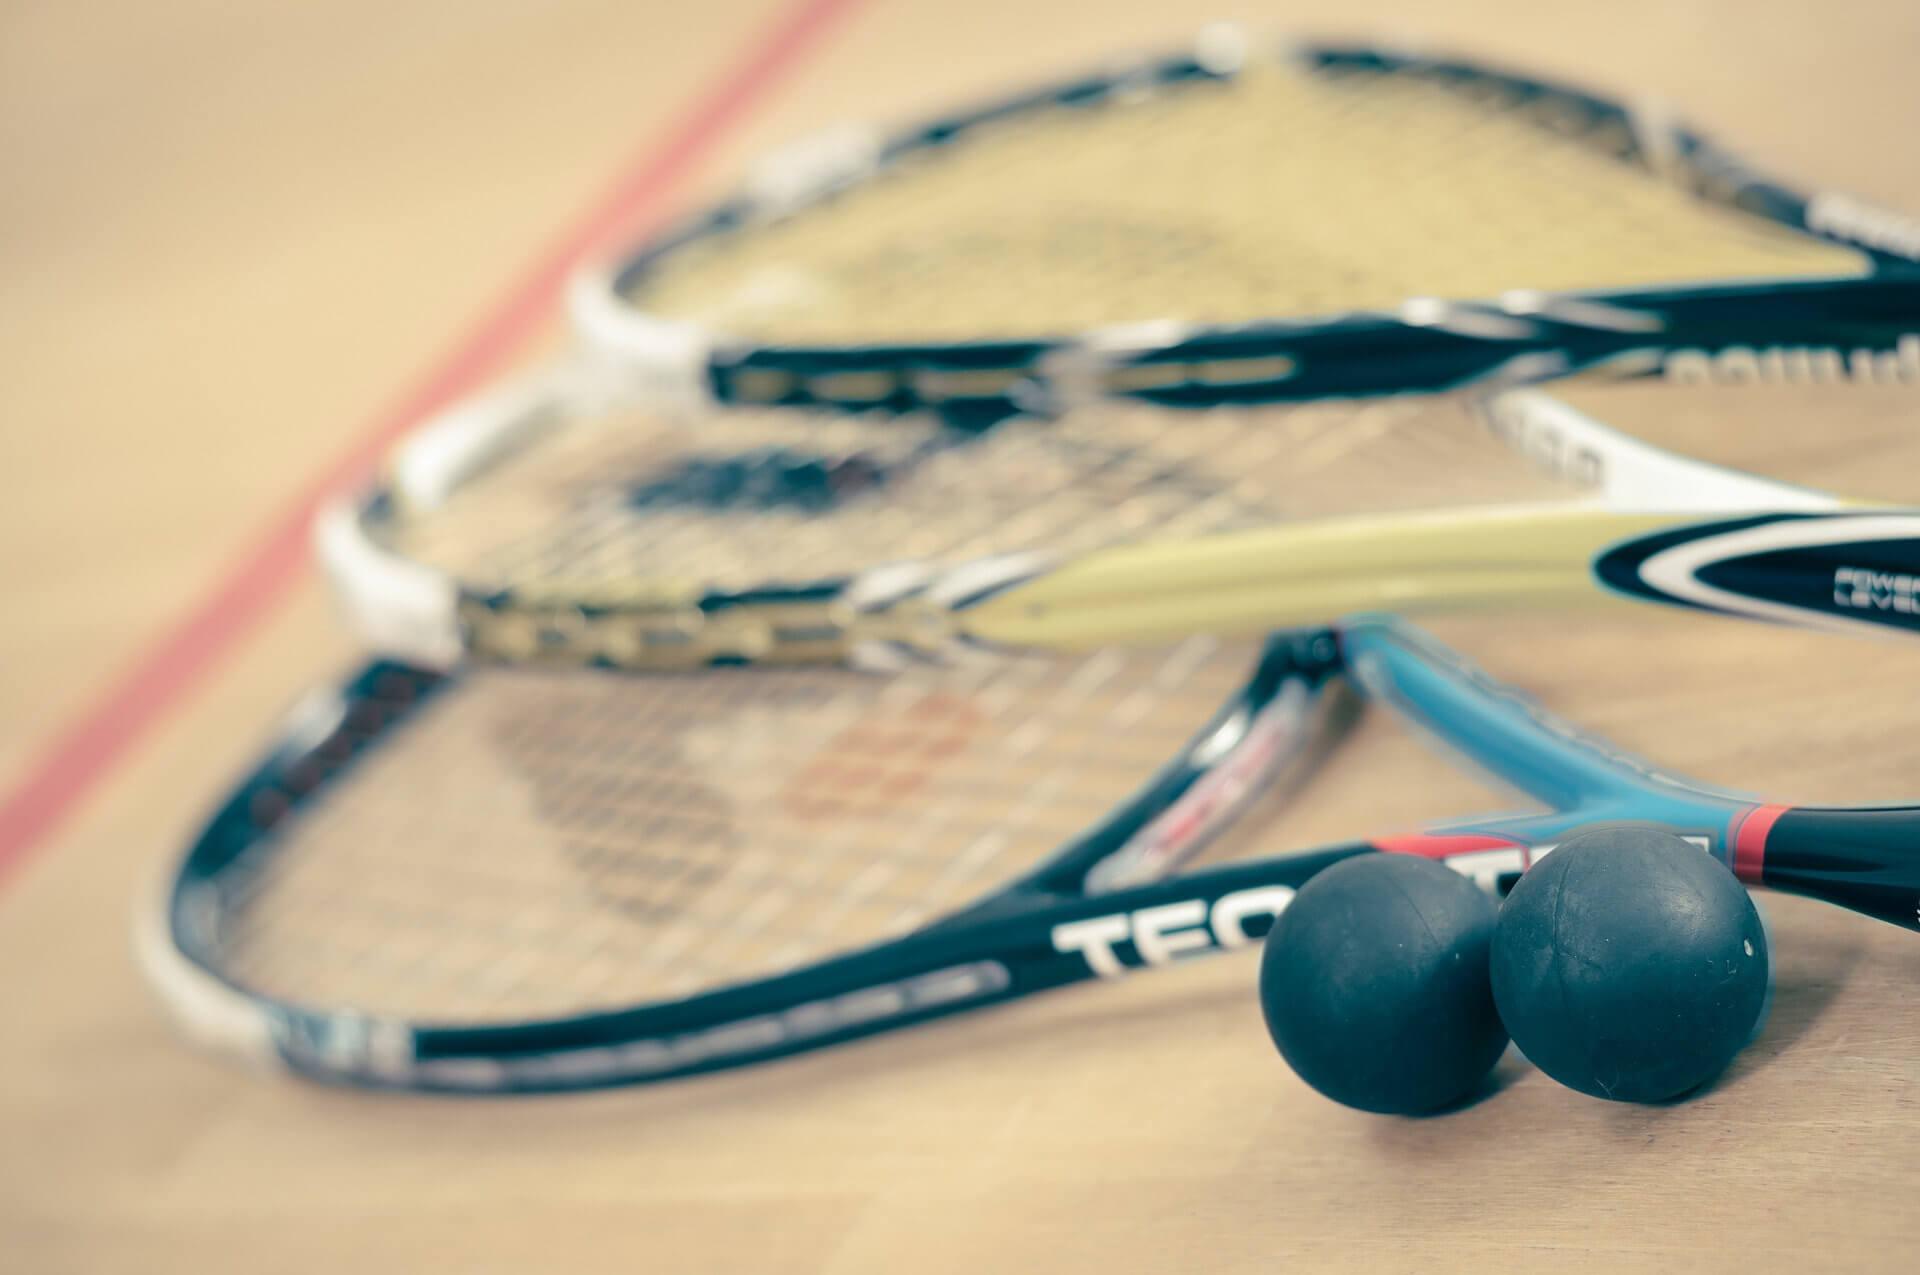 Rakiety do squasha - podstawowy sprzęt dla początkujących style=